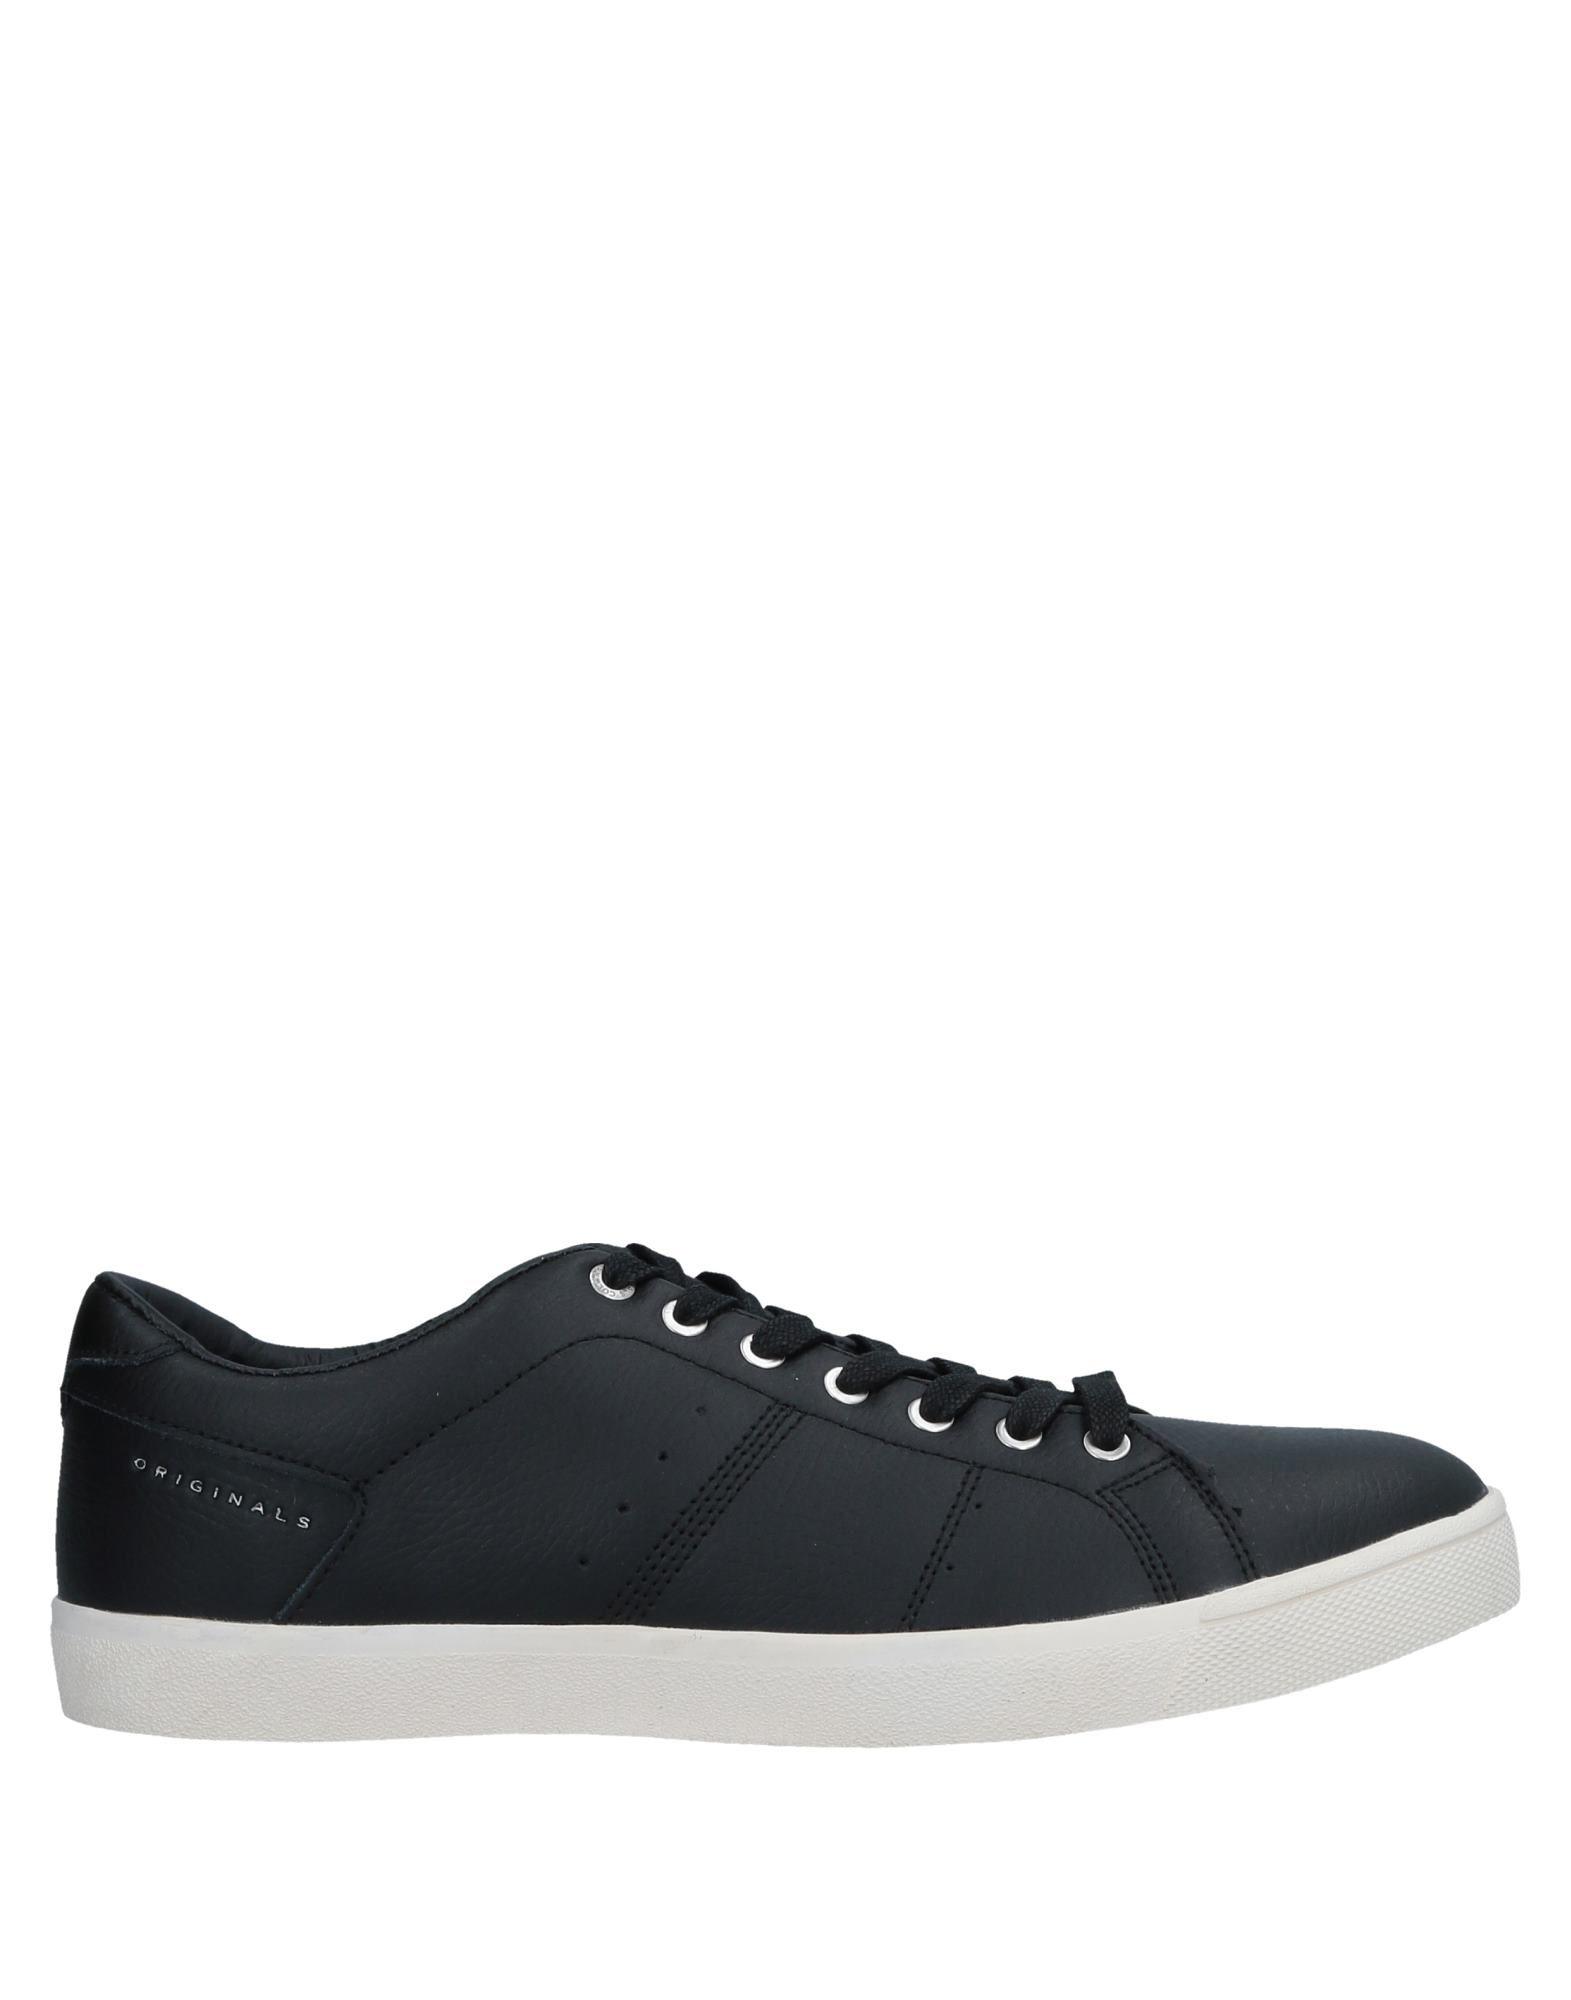 Colmar Sneakers - Men Men Men Colmar Sneakers online on  Canada - 11525848AG 452237